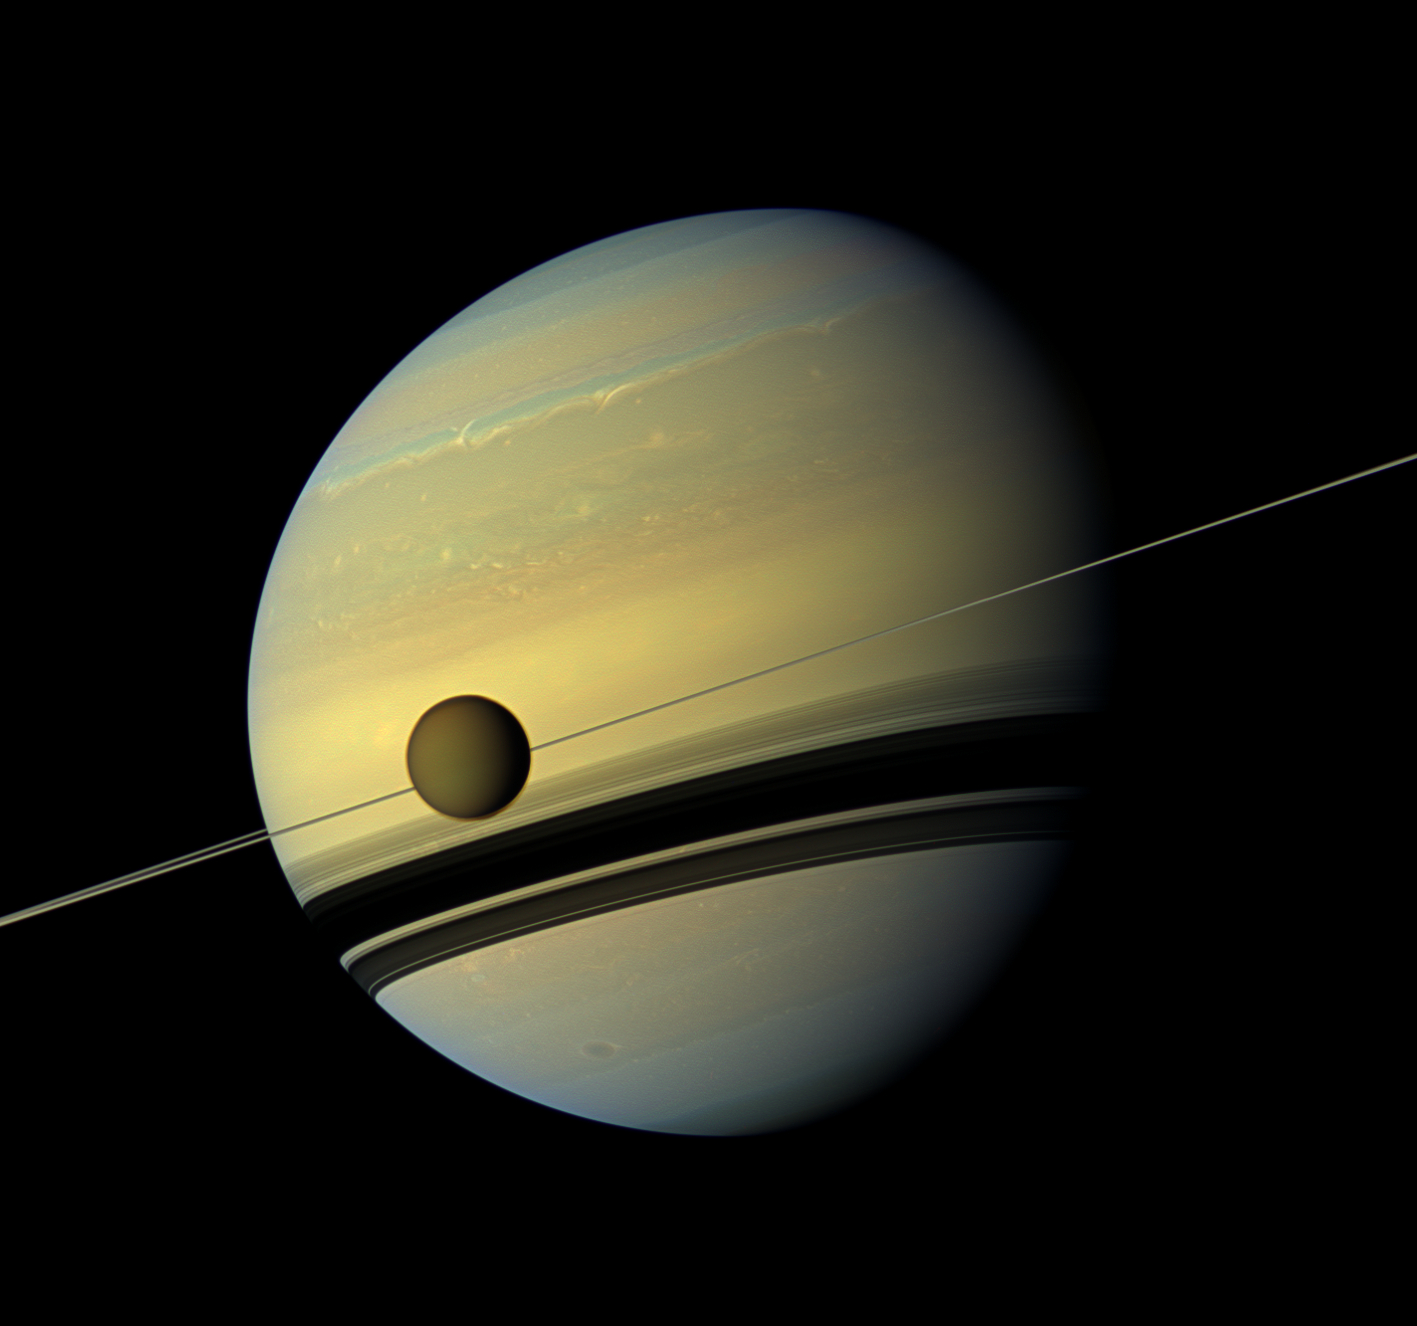 Titã, com 5150 quilómetros de diâmetro, passa à frente de Saturno (2012)